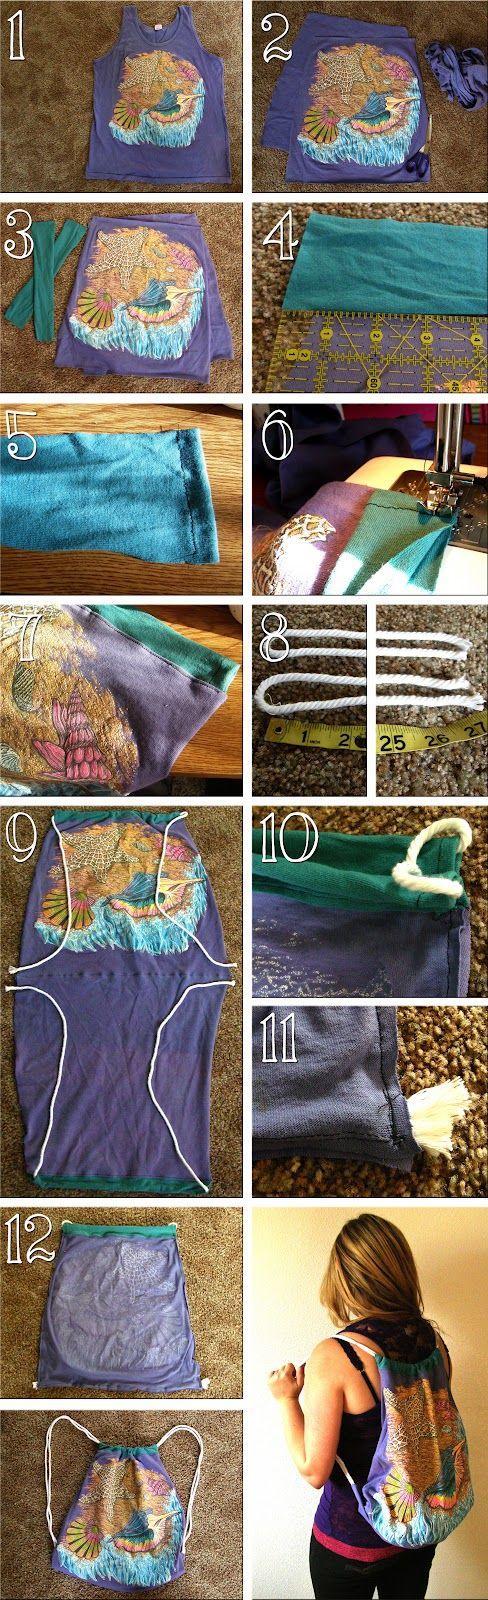 DIY tshirt drawstring bag